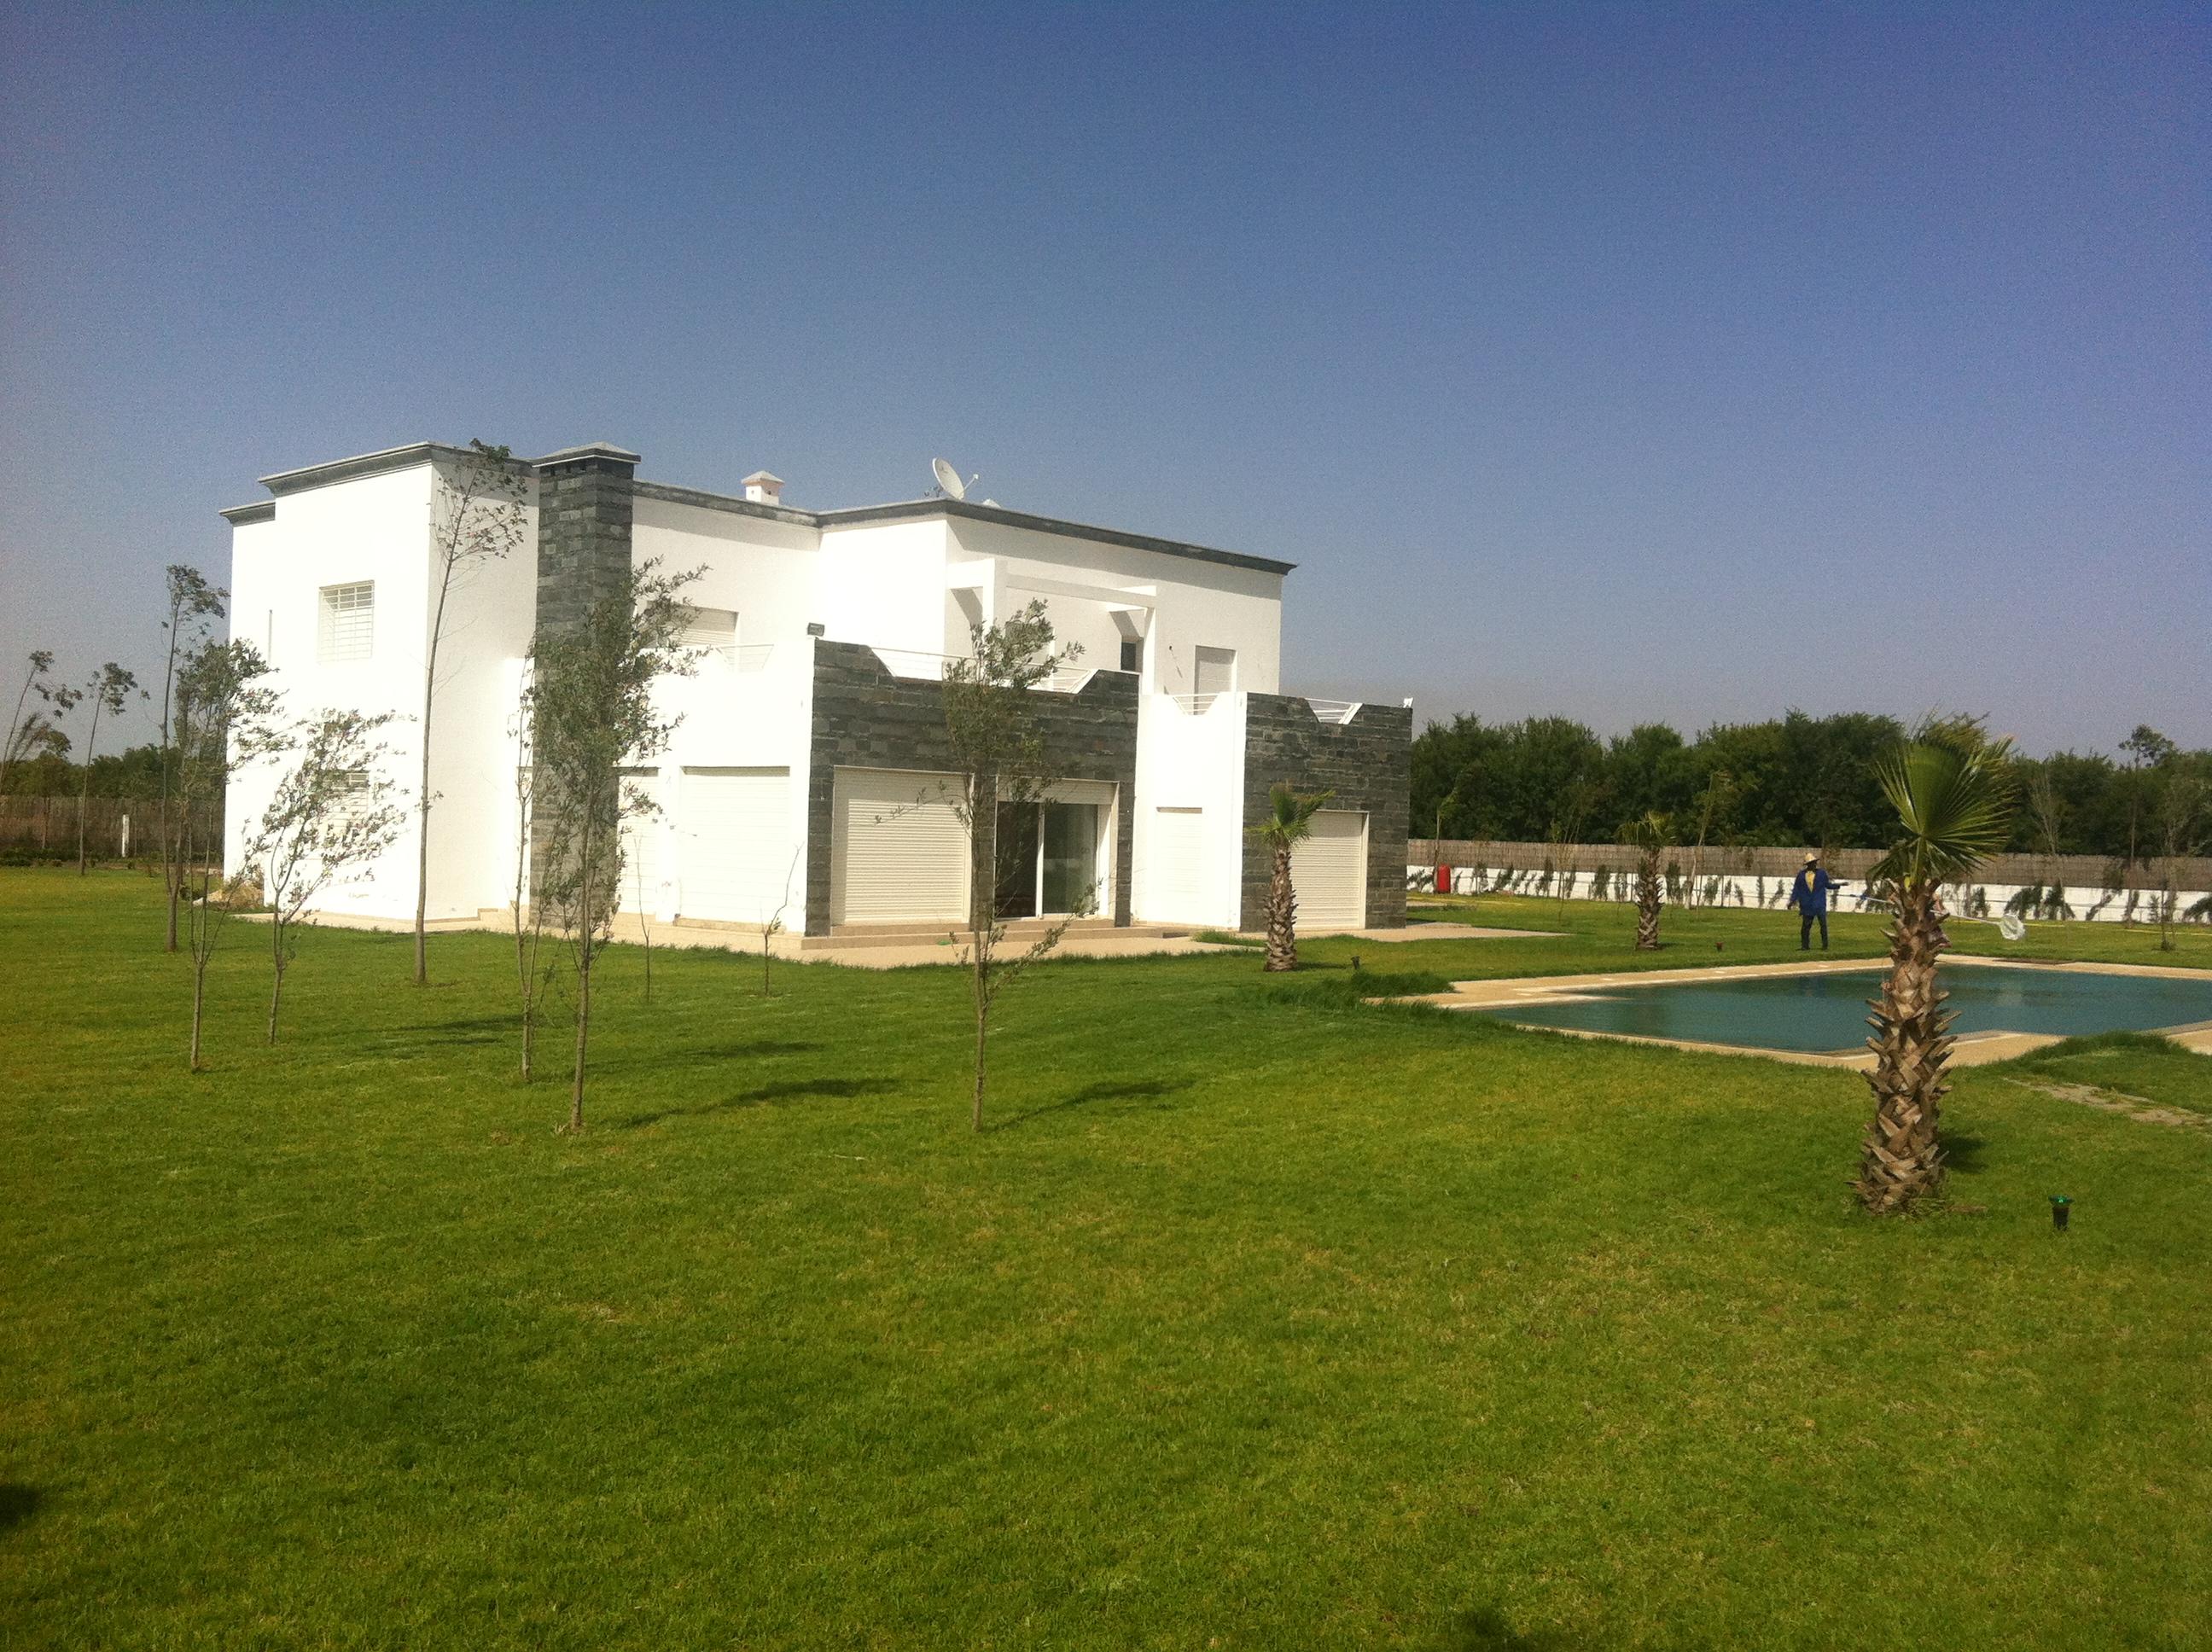 Vente Villa Berchid Casablanca Maroc Rte Had Swalem